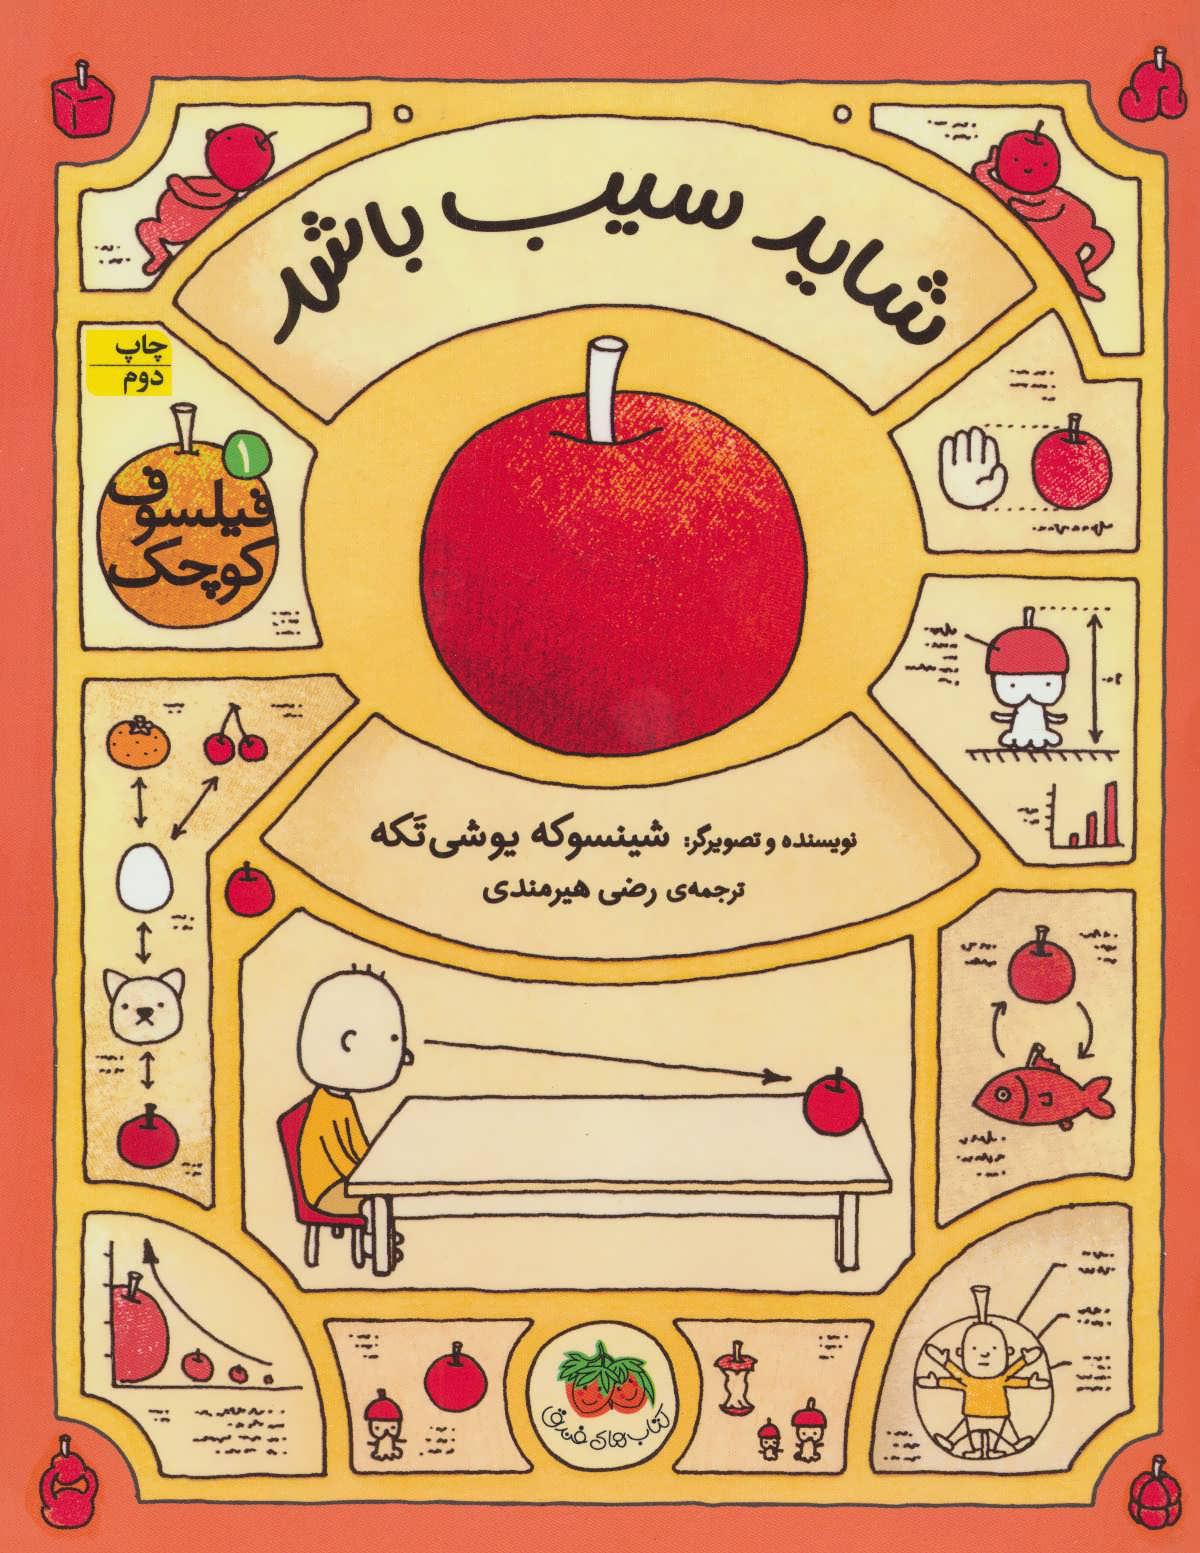 کتاب شاید سیب باشد